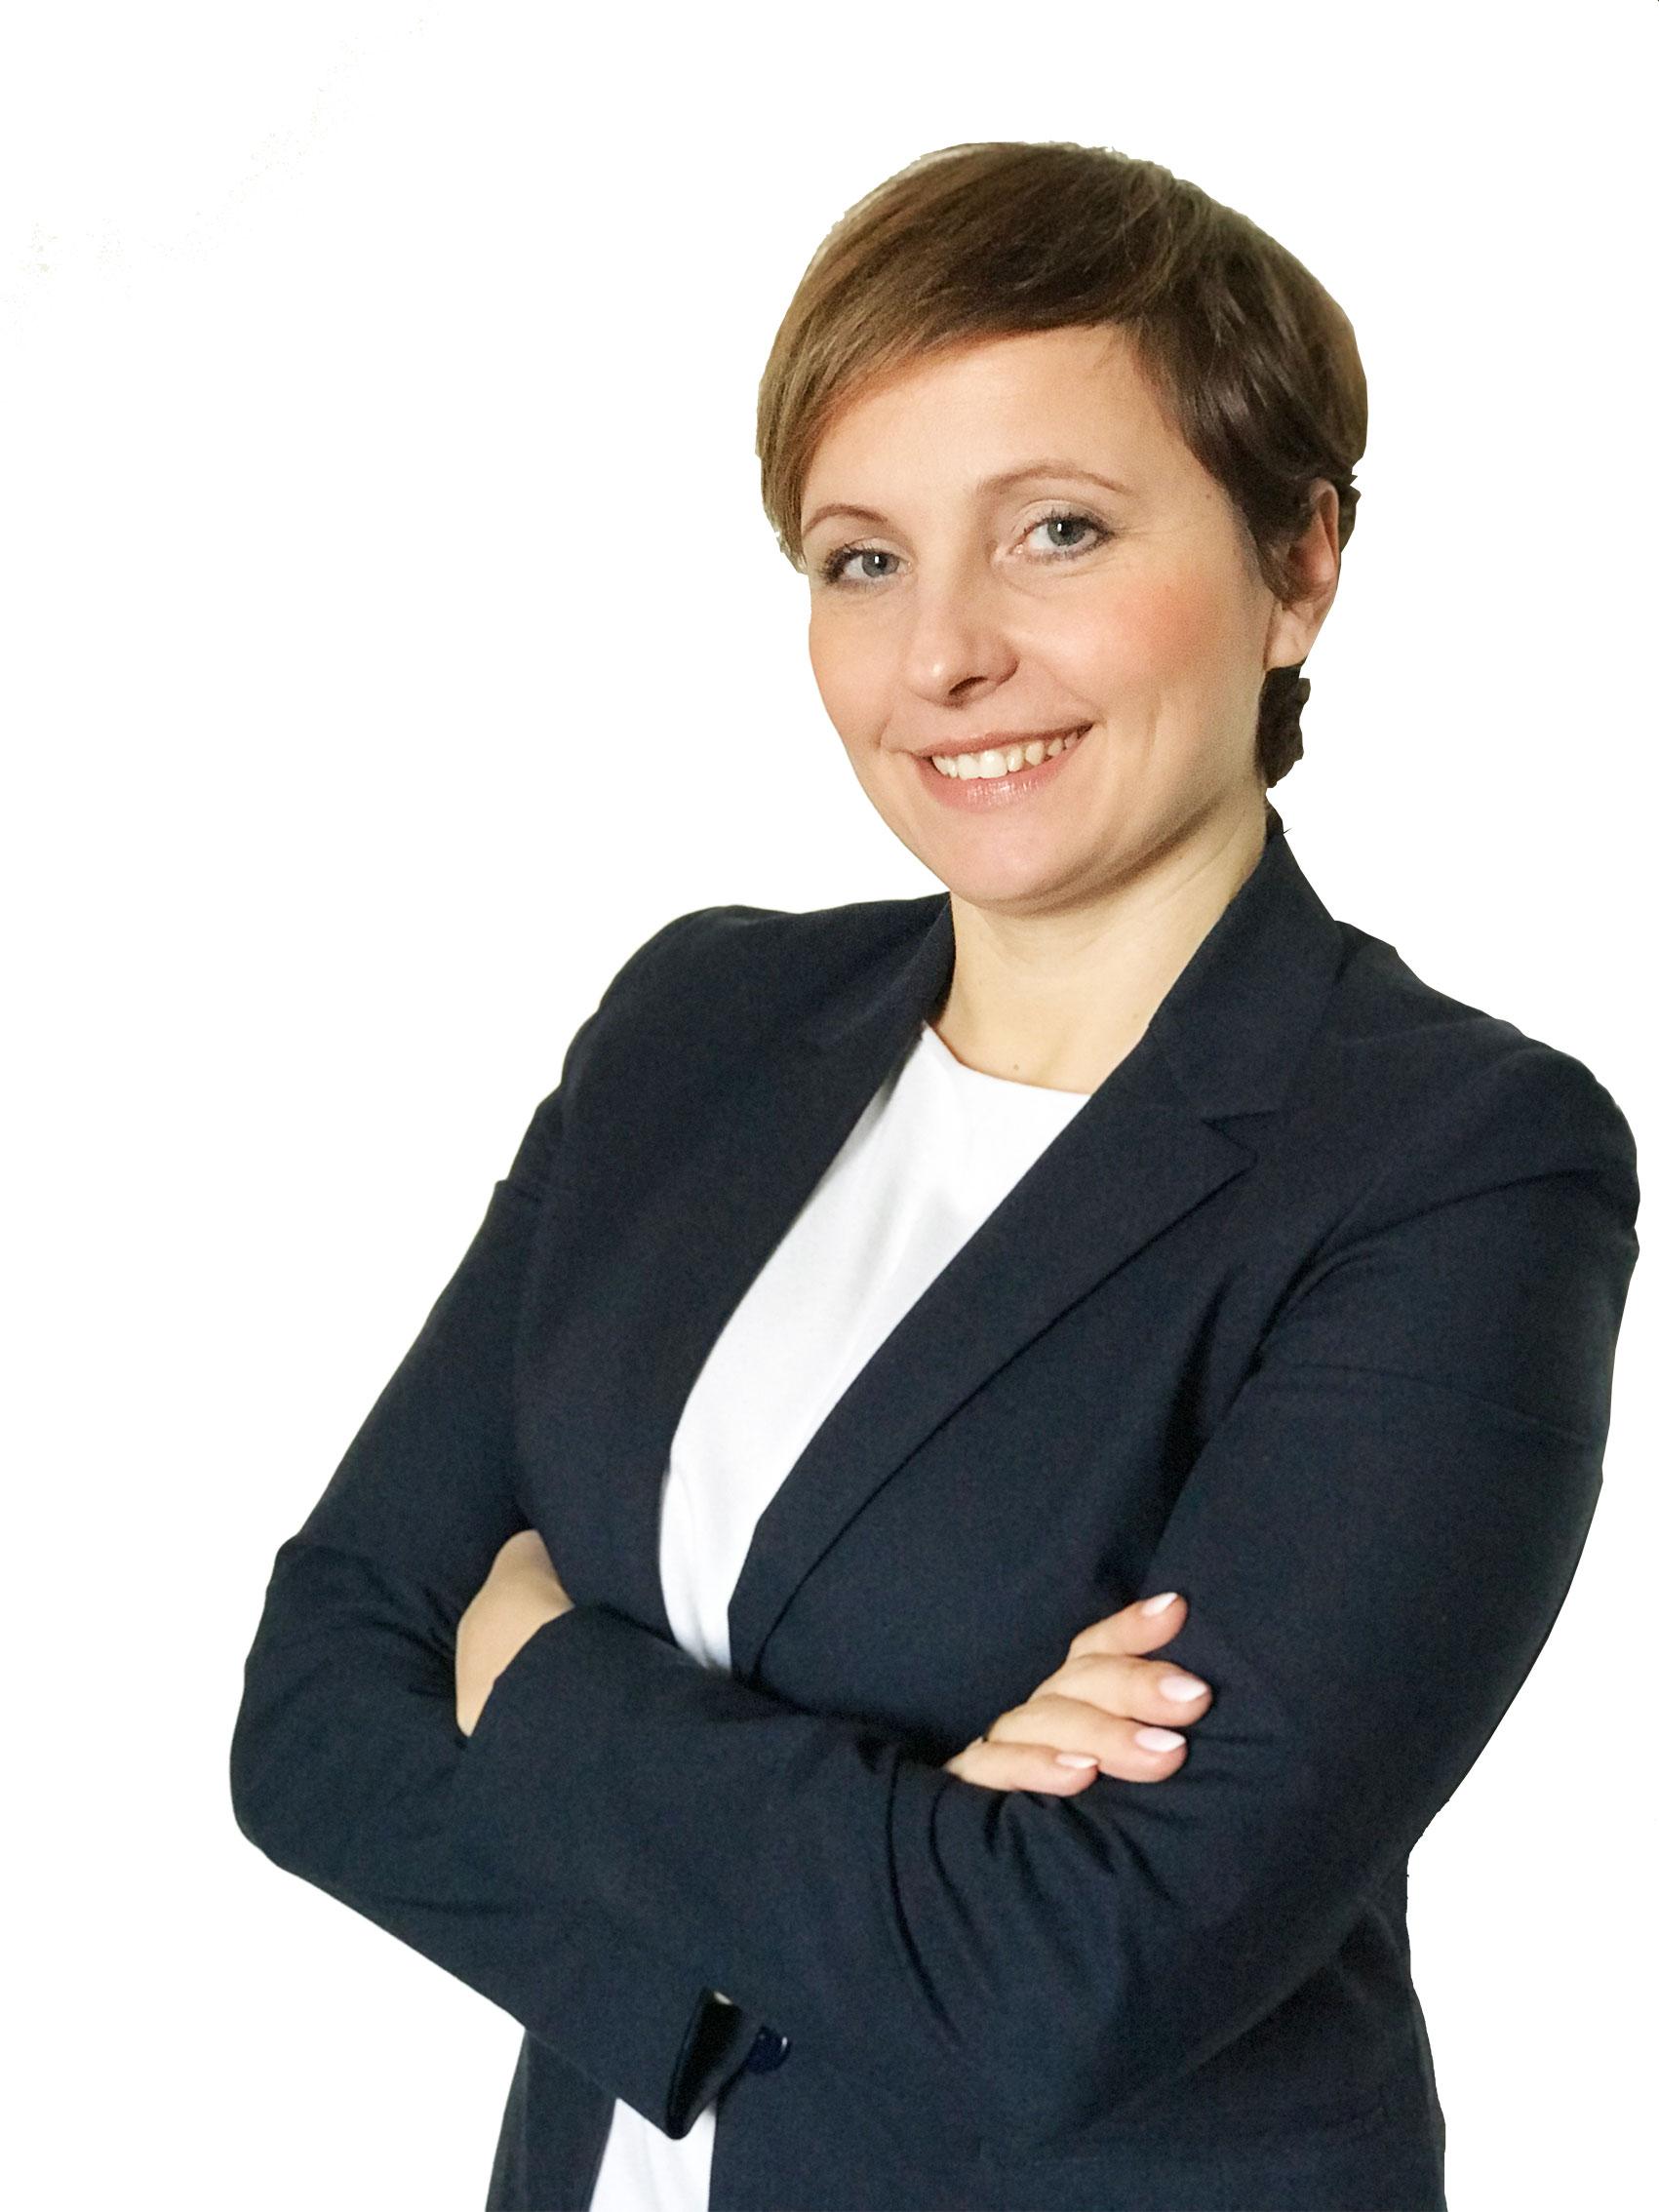 Fotografia Aliny Gofron. Alina Gofron jest trenerem sprzedaży, konsultantem biznesowym oraz trenerem PCM.